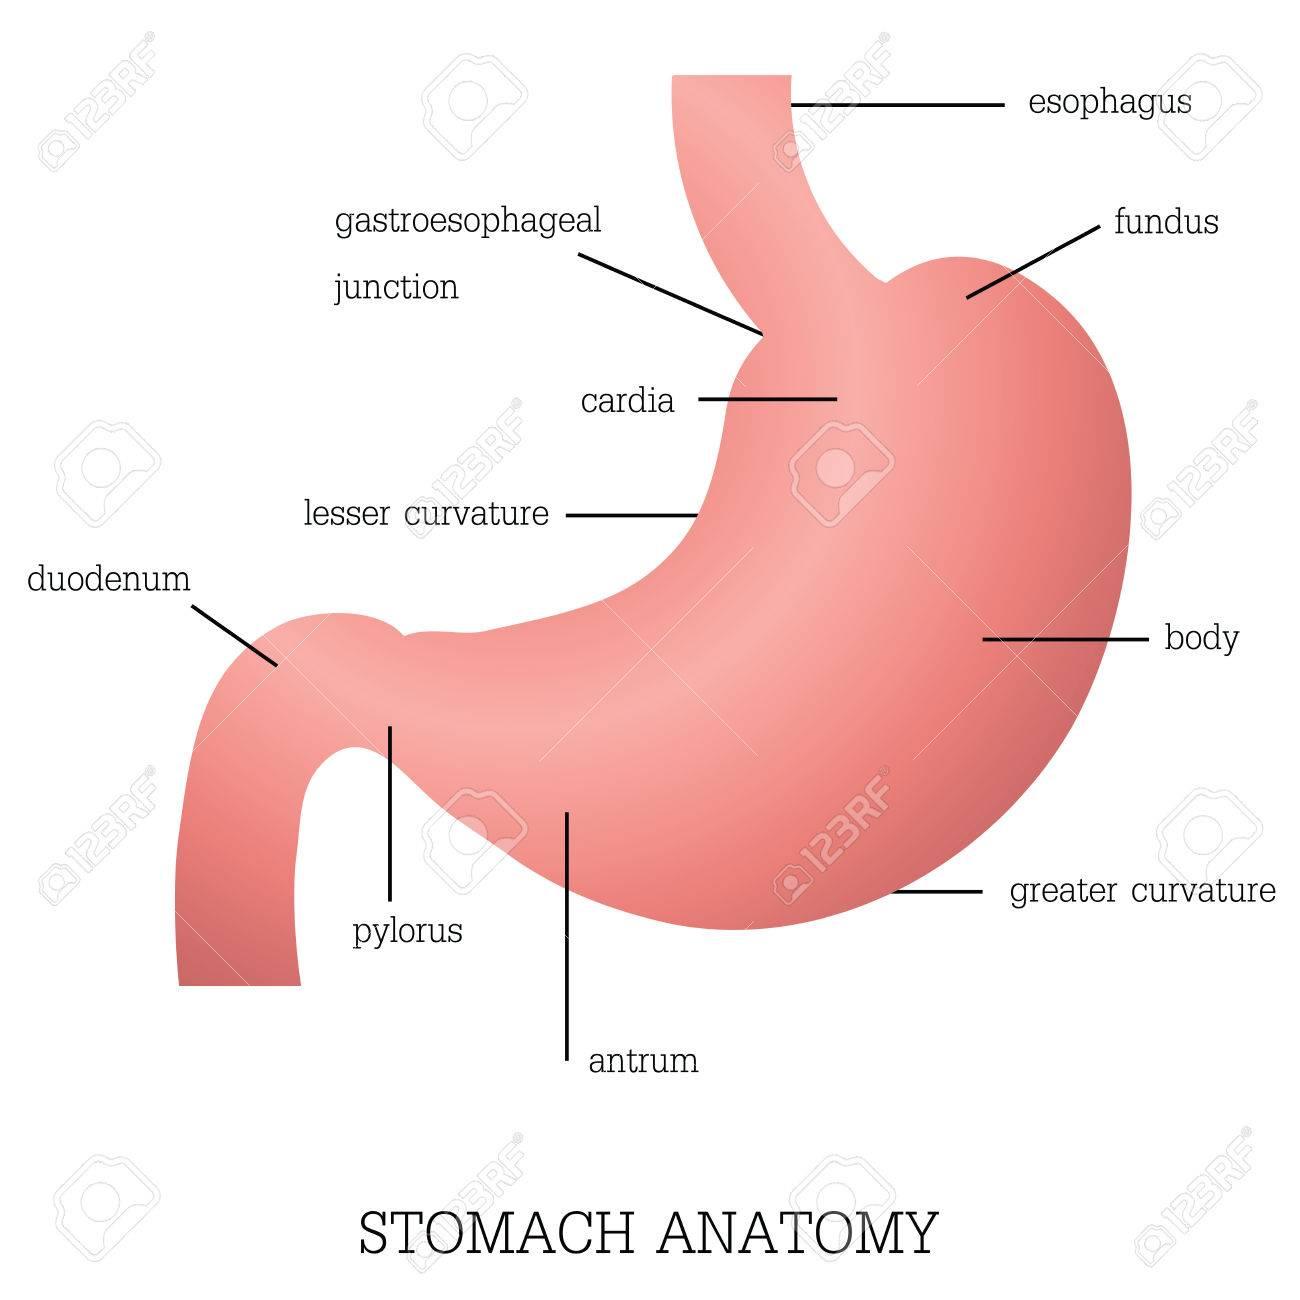 Struktur Und Funktion Von System Magen Anatomie Isoliert Auf Weißem ...